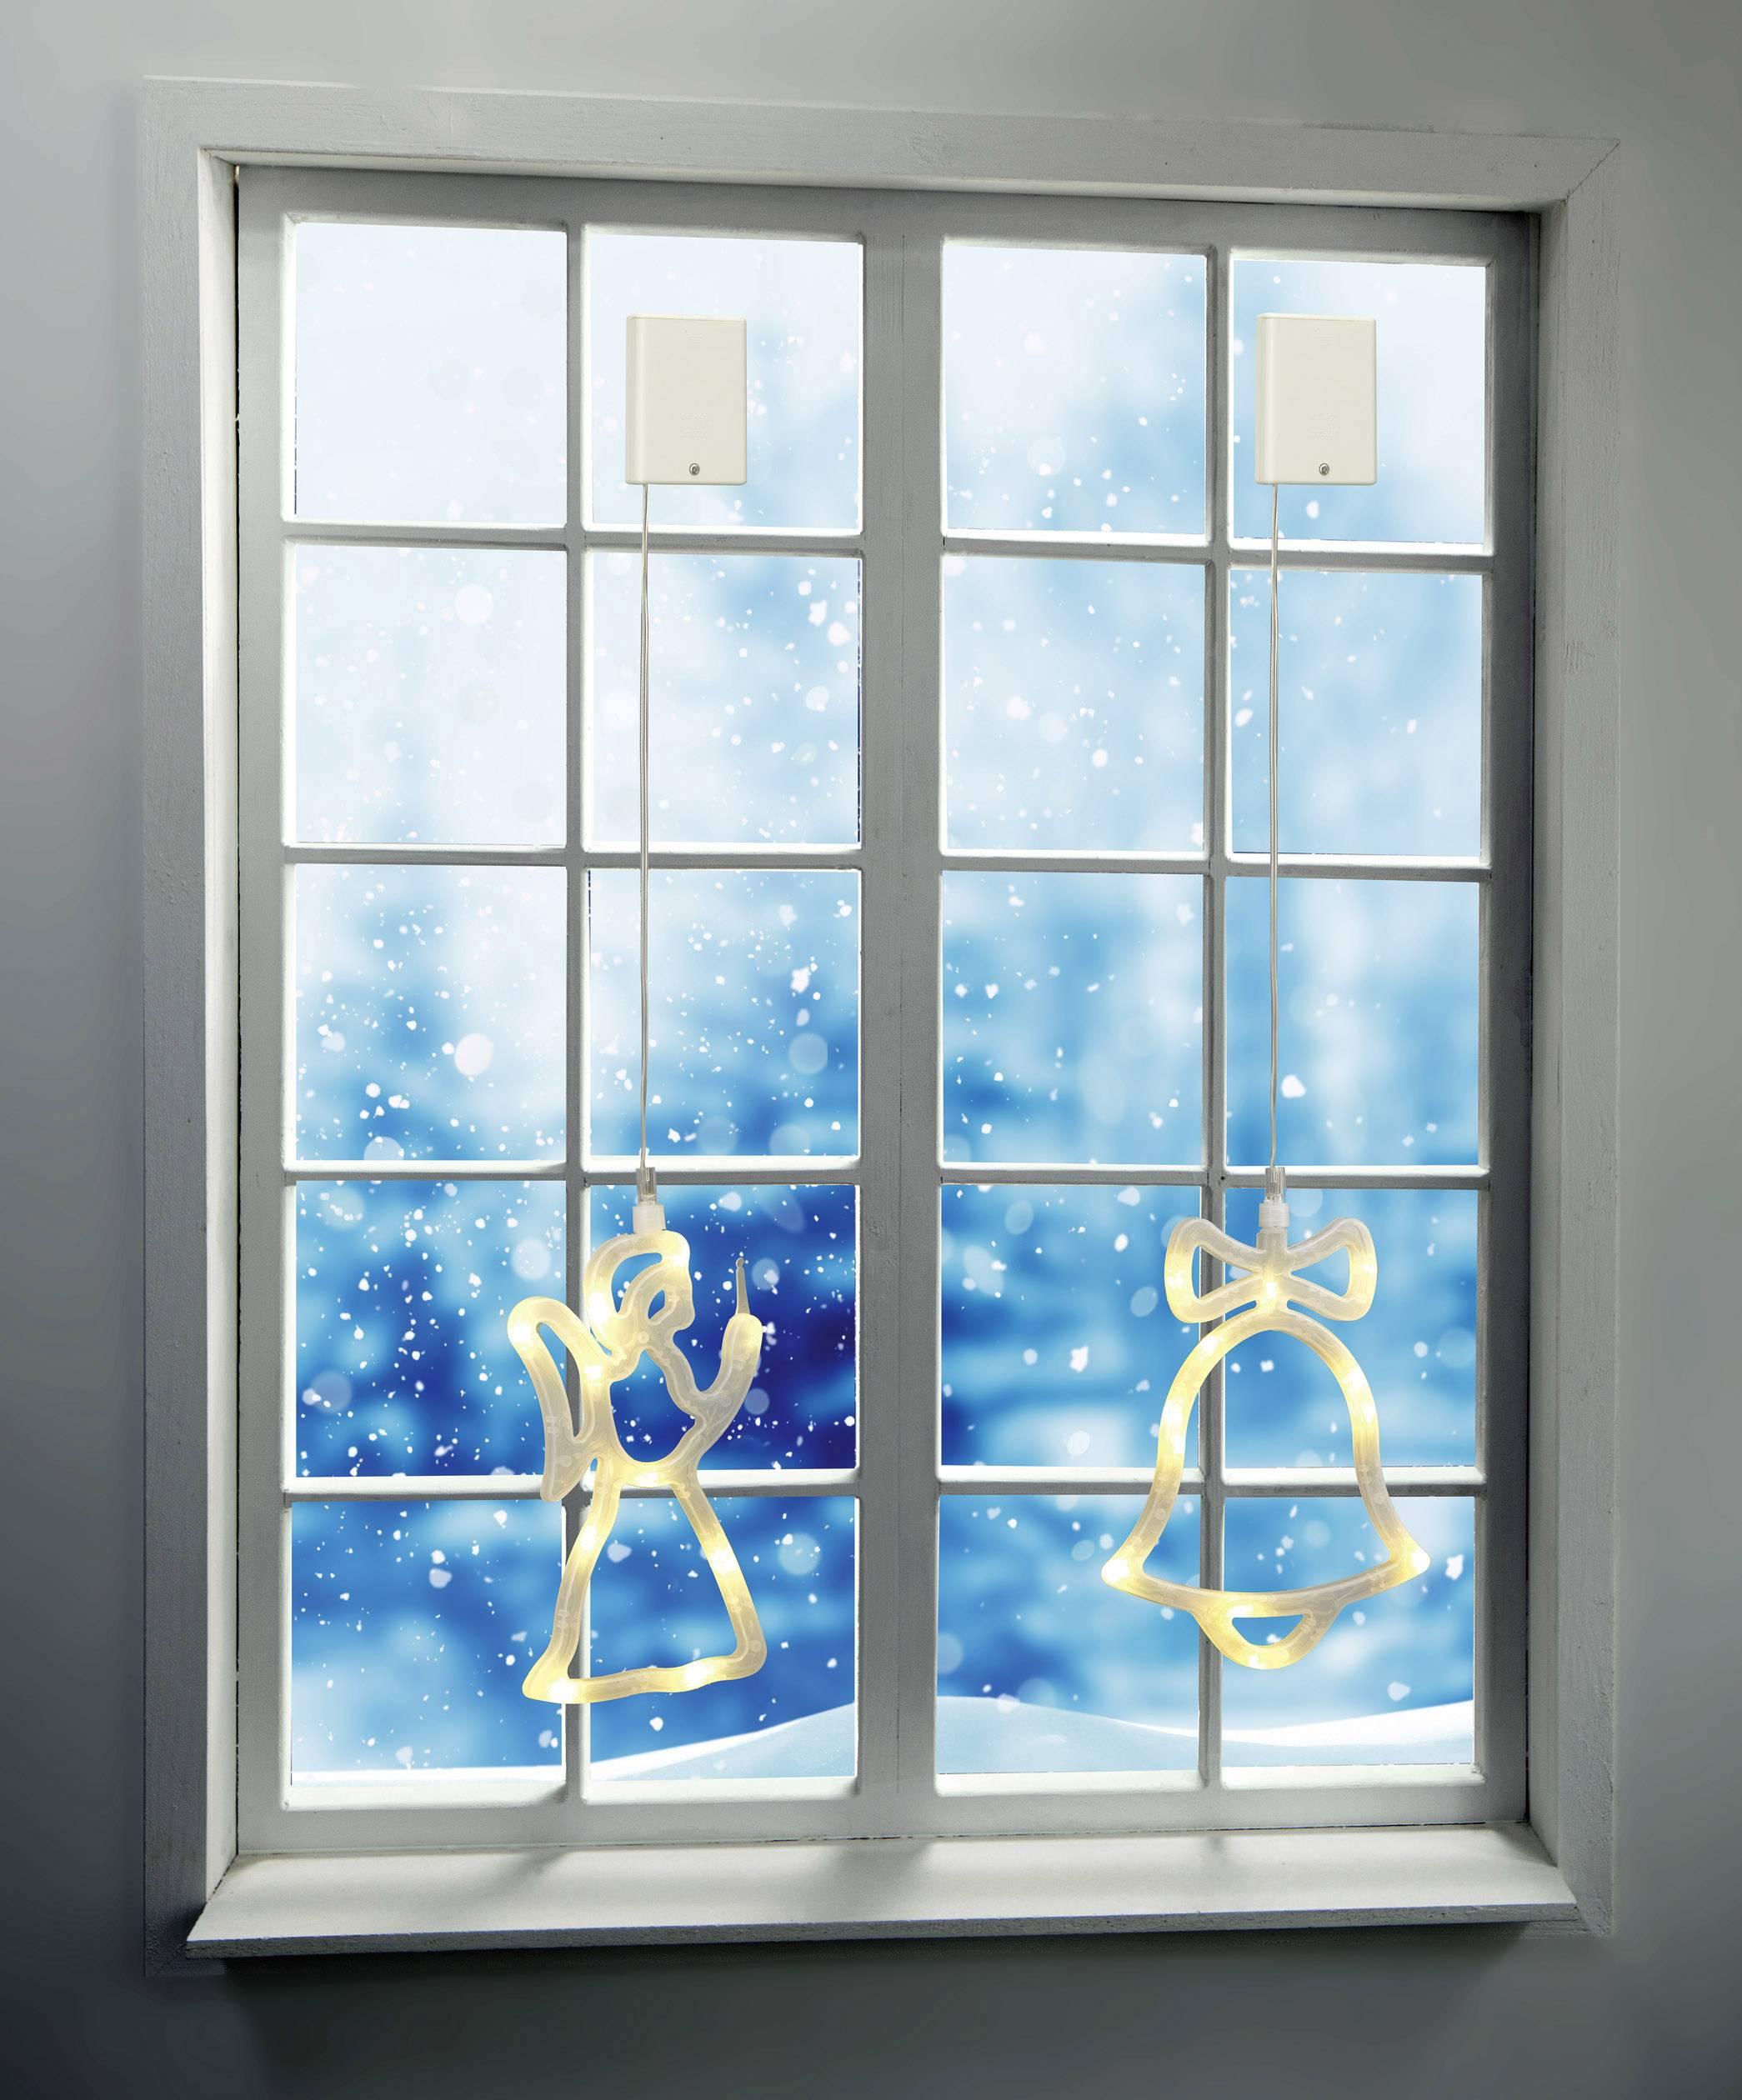 Vianočné LED osvetlenie do okna Polarlite LBA-50-011, zvonček